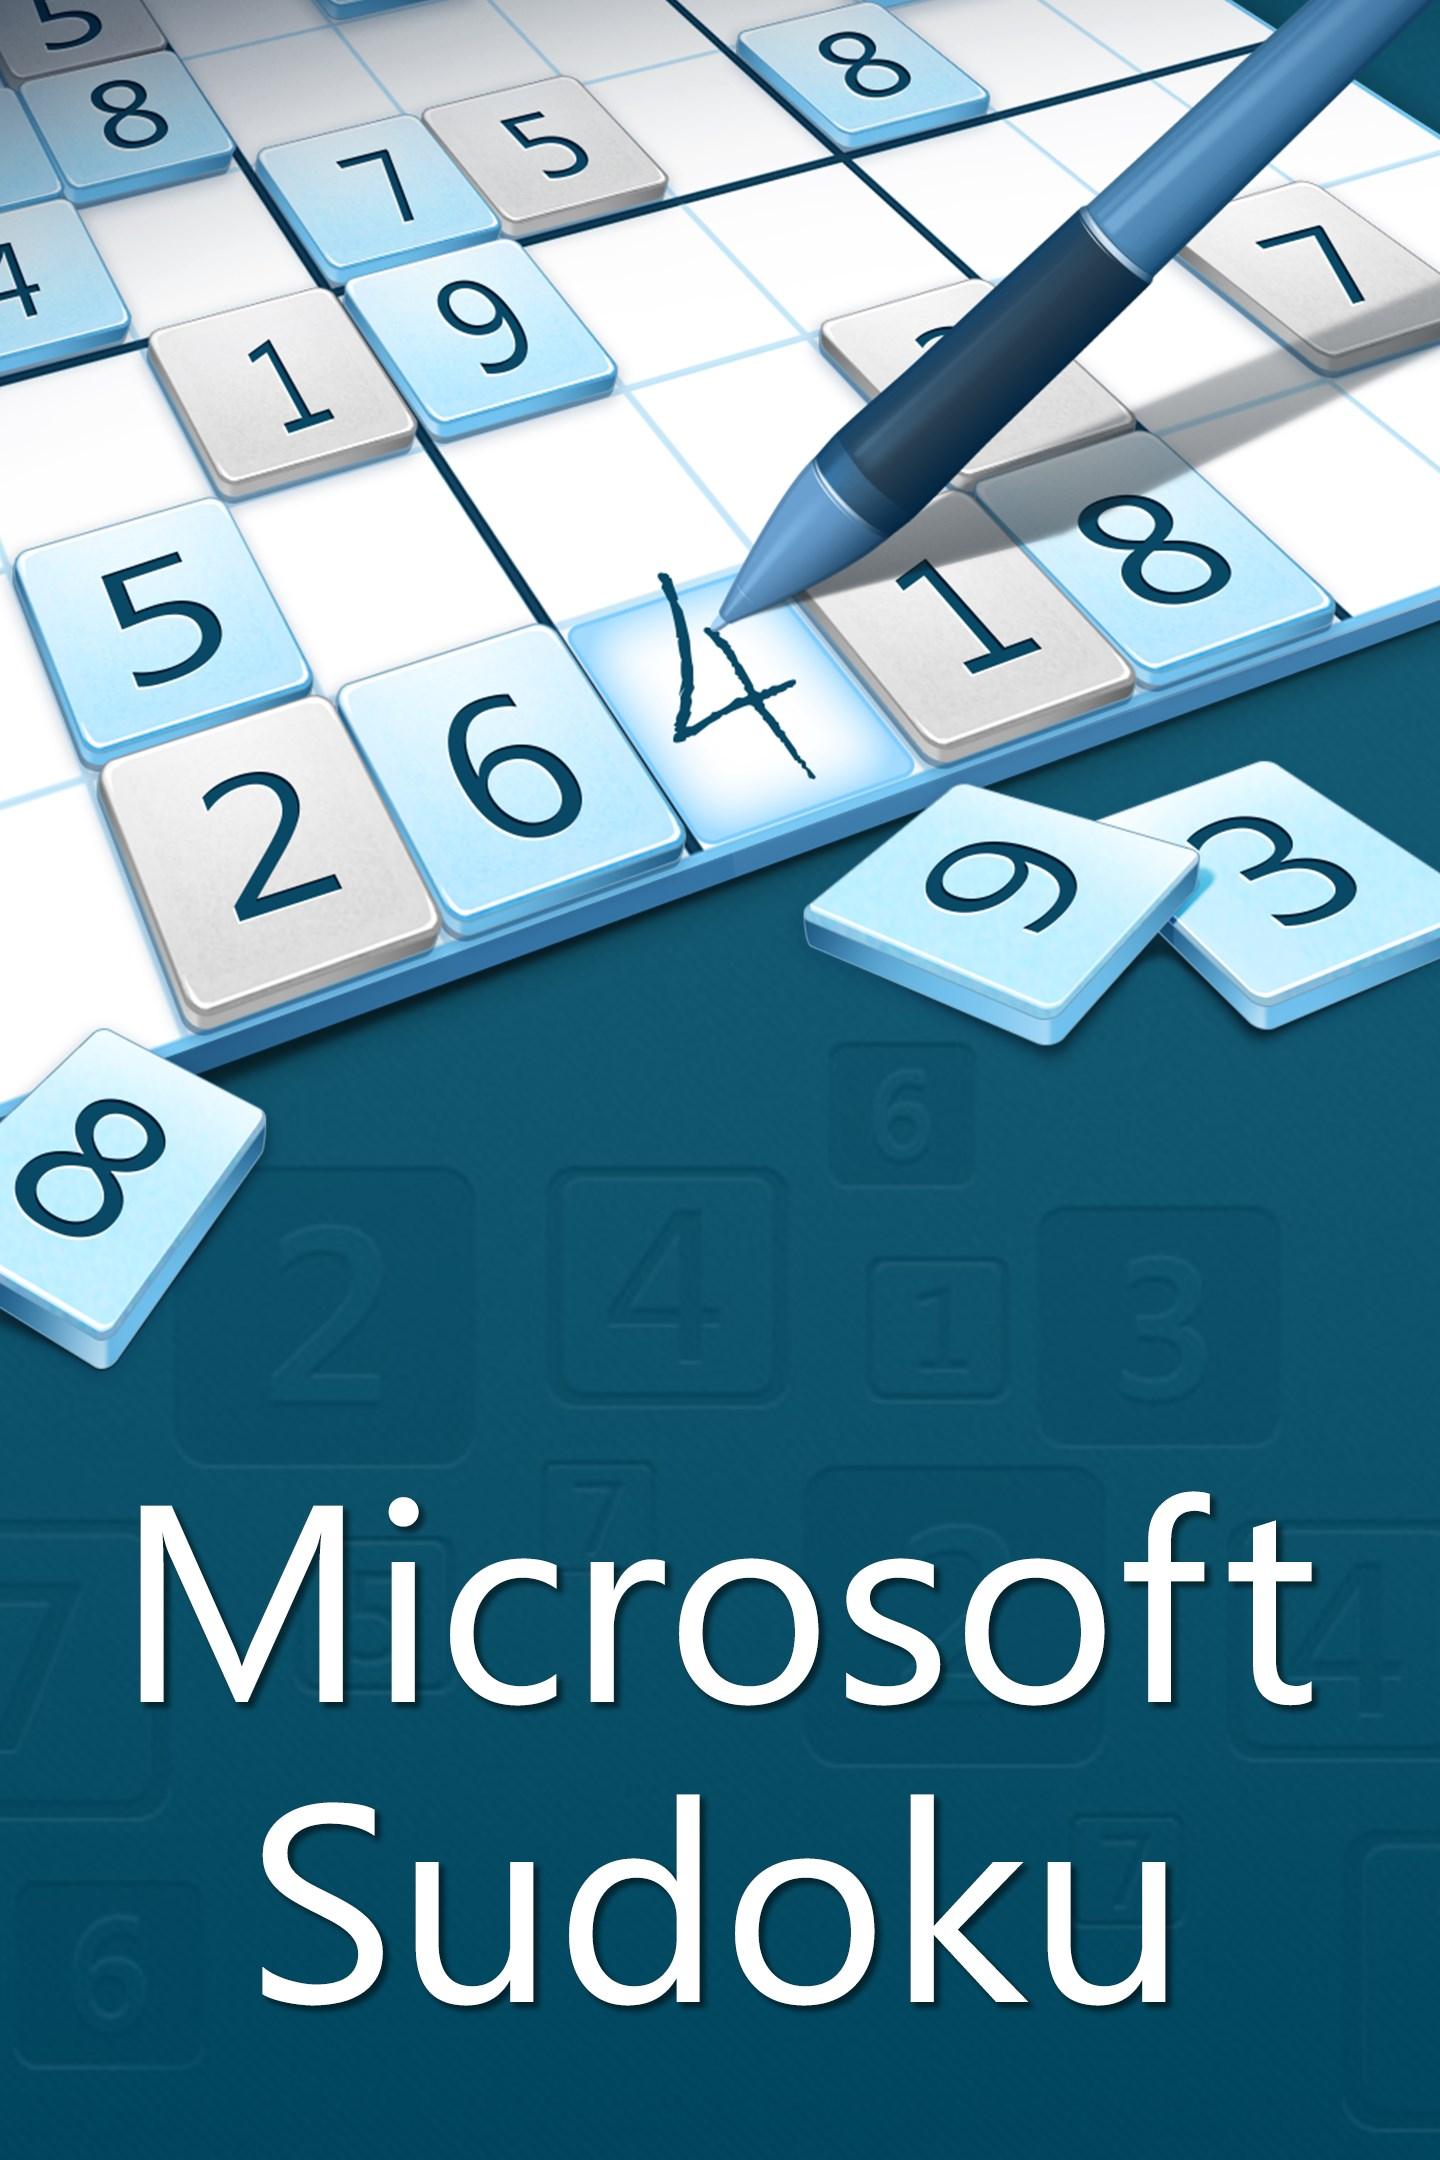 descargar microsoft office 2003 gratis para windows 10